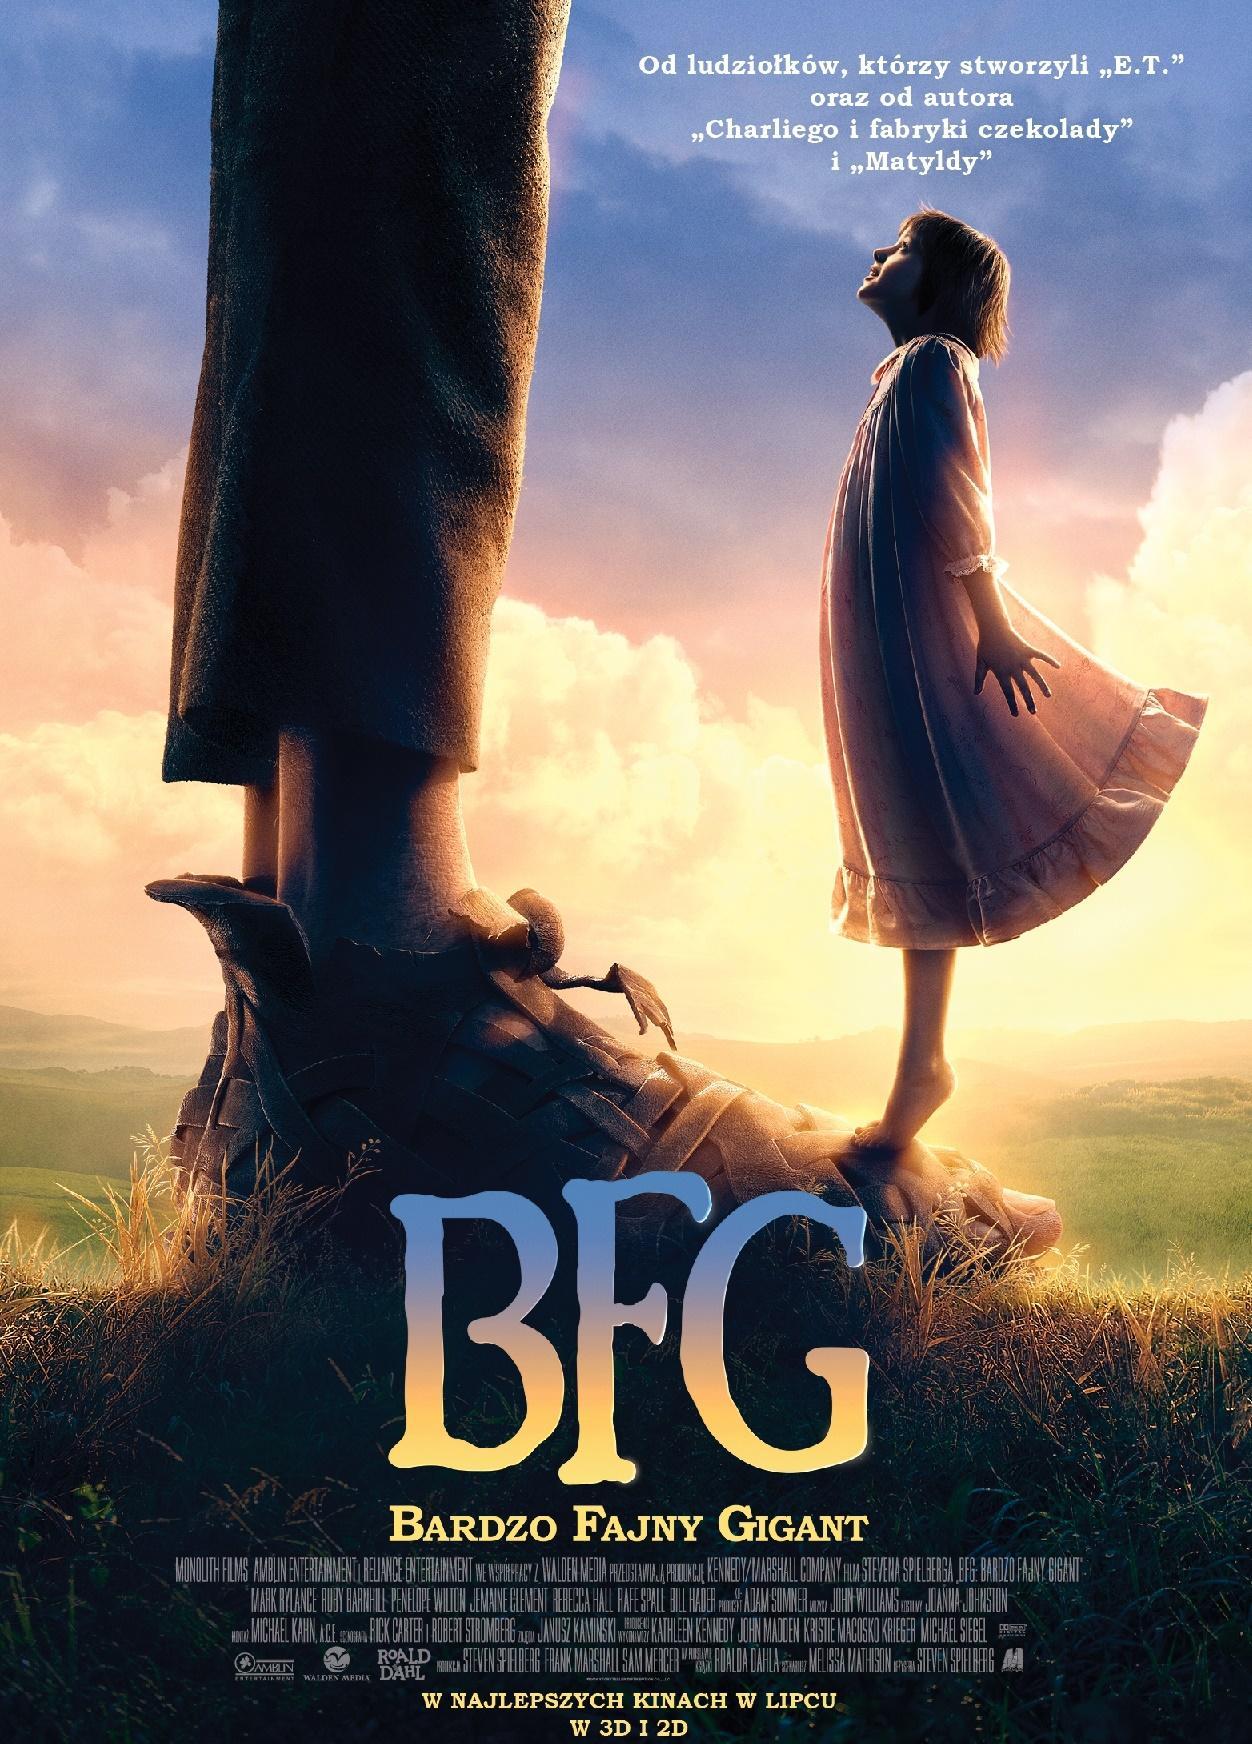 BFG: Bardzo Fajny Gigant (dubbing)